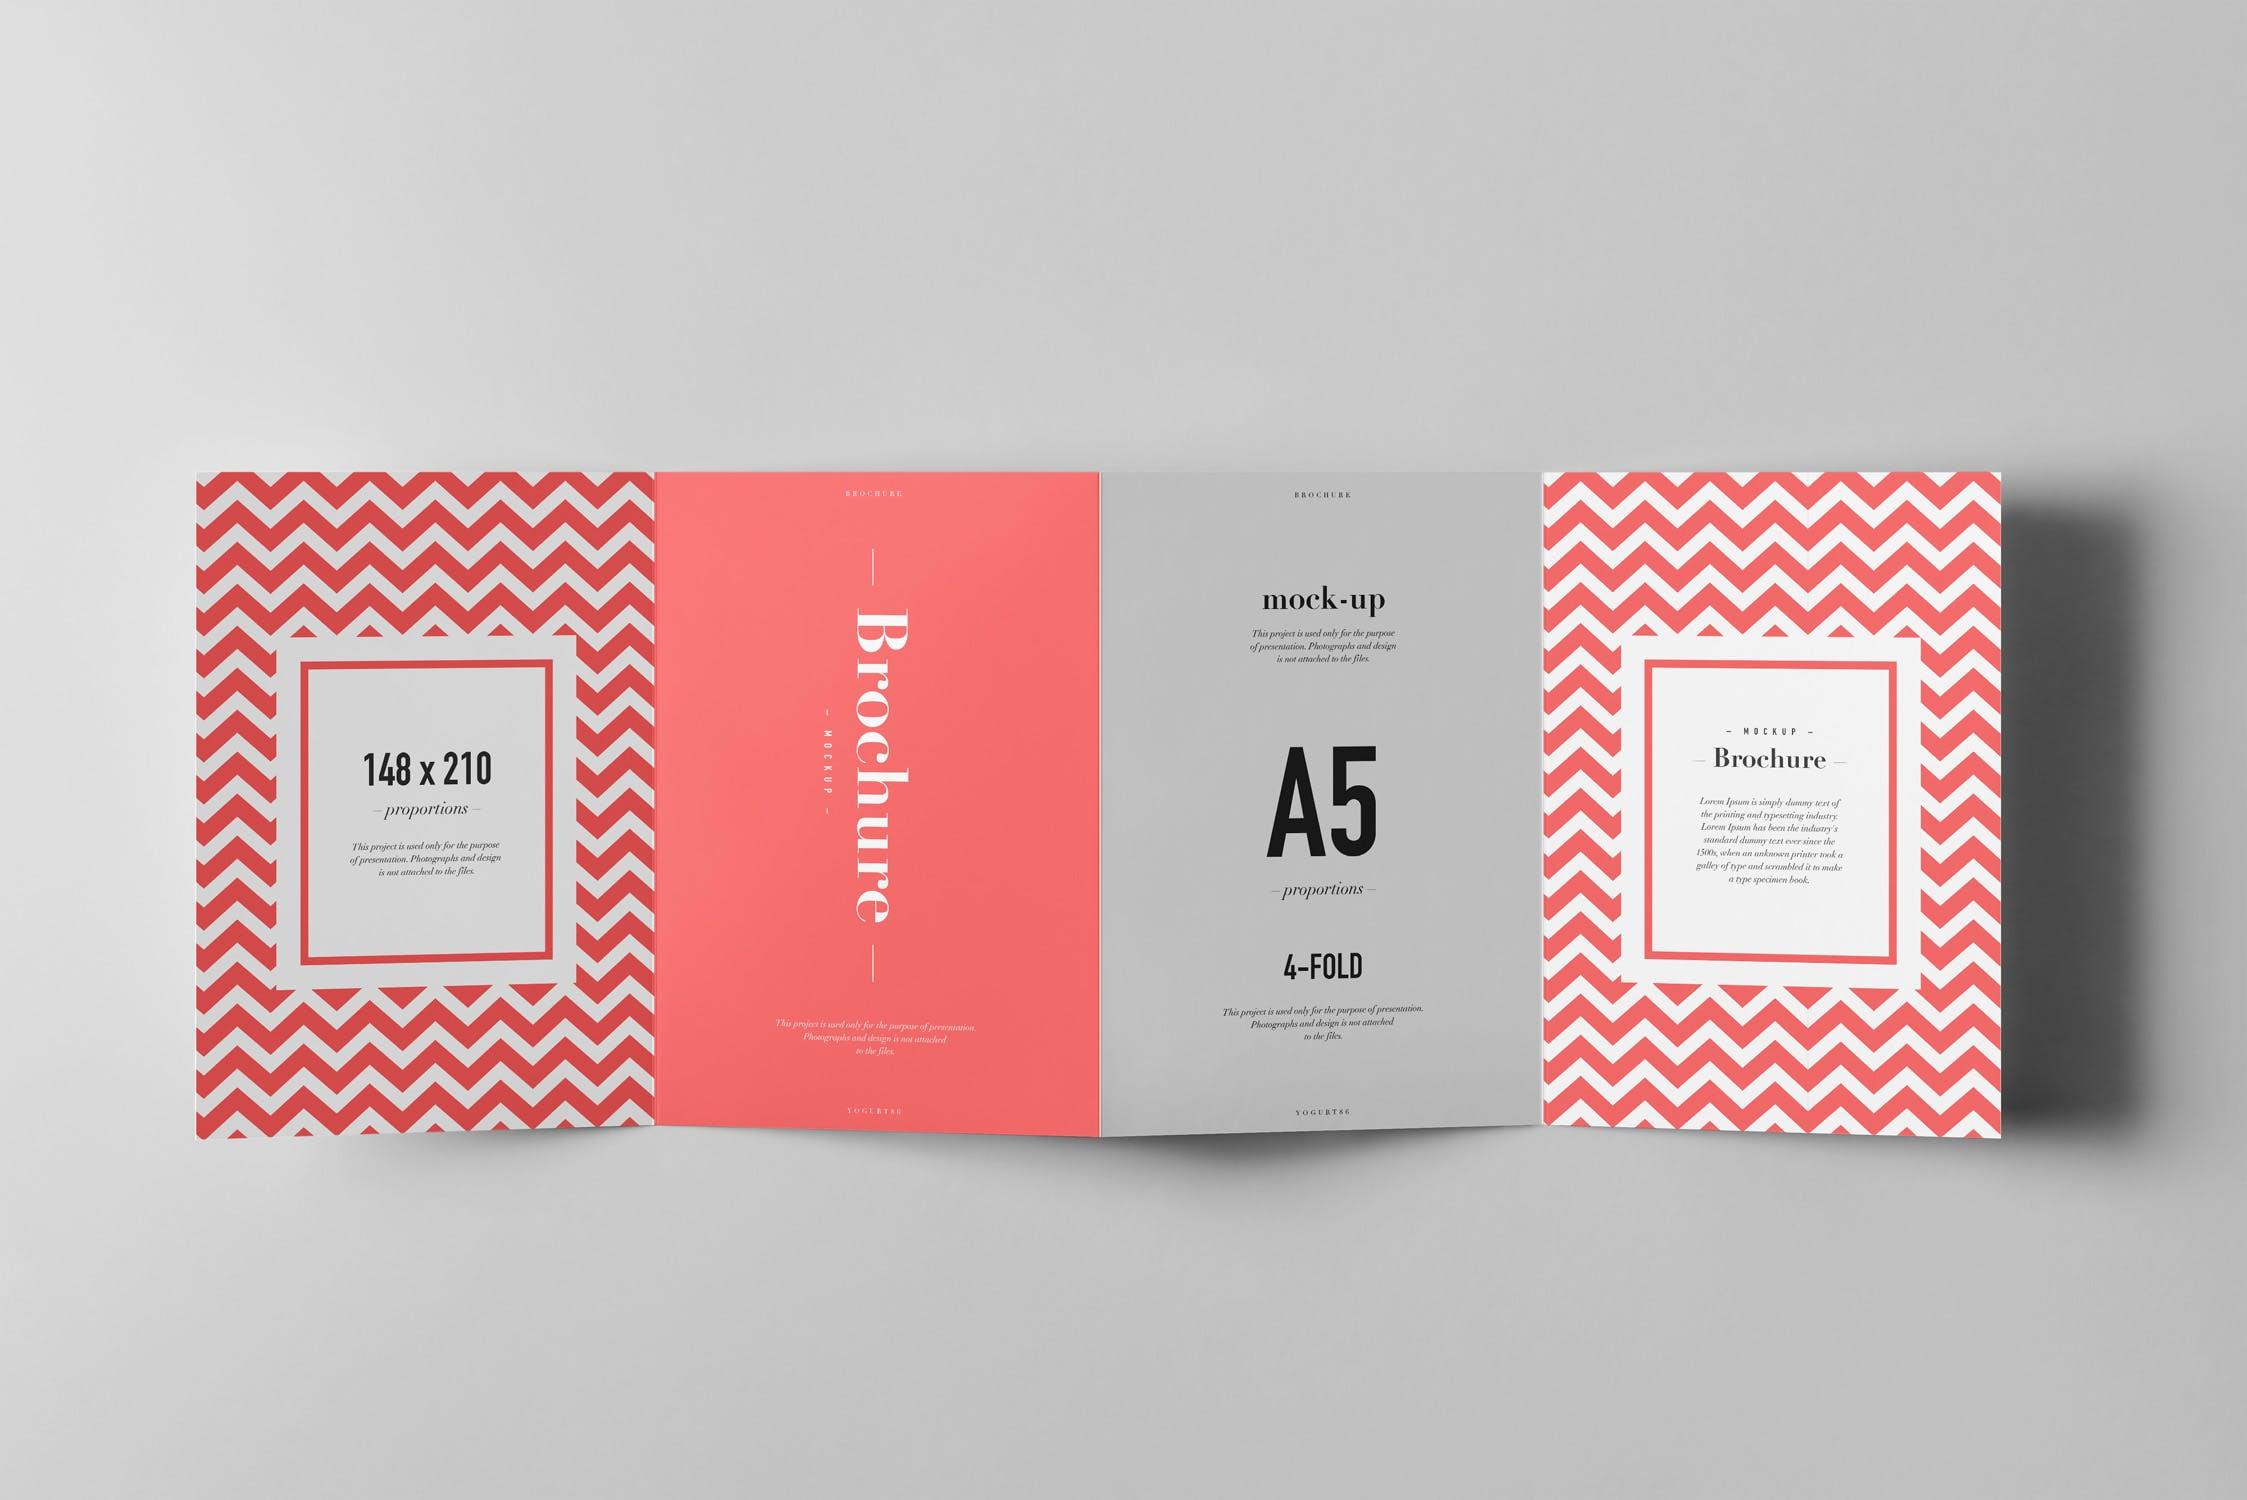 企业四折页A5手册样机效果图展示模板 Four-Fold A5 Brochure Mock-up